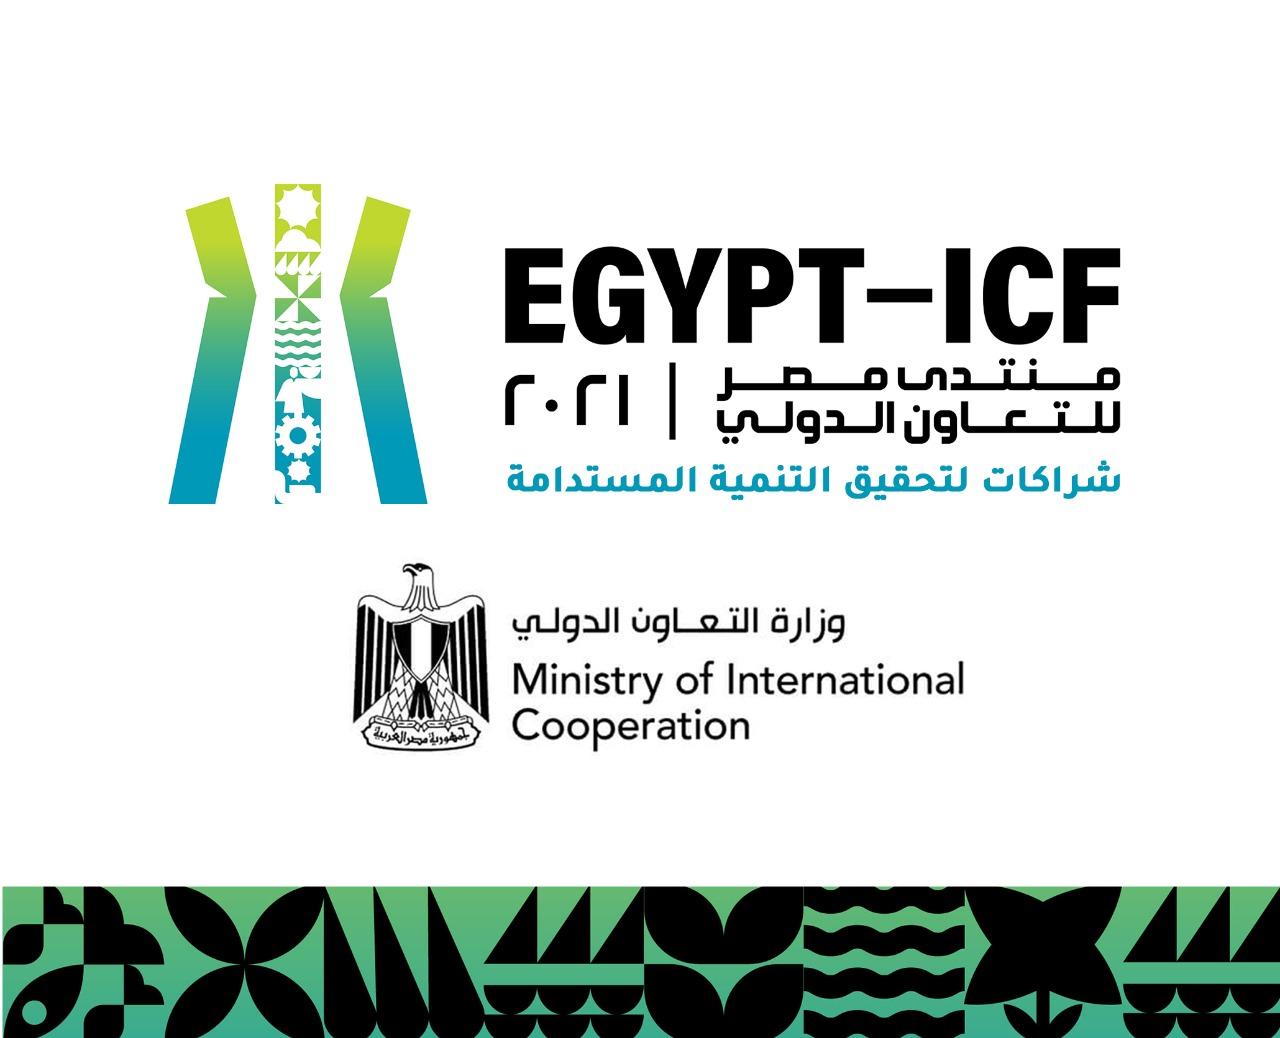 مصر تنظم منتدى للتعاون الدولي في هذا الموعد.. والمشاط: تجمع عالمي استثنائي